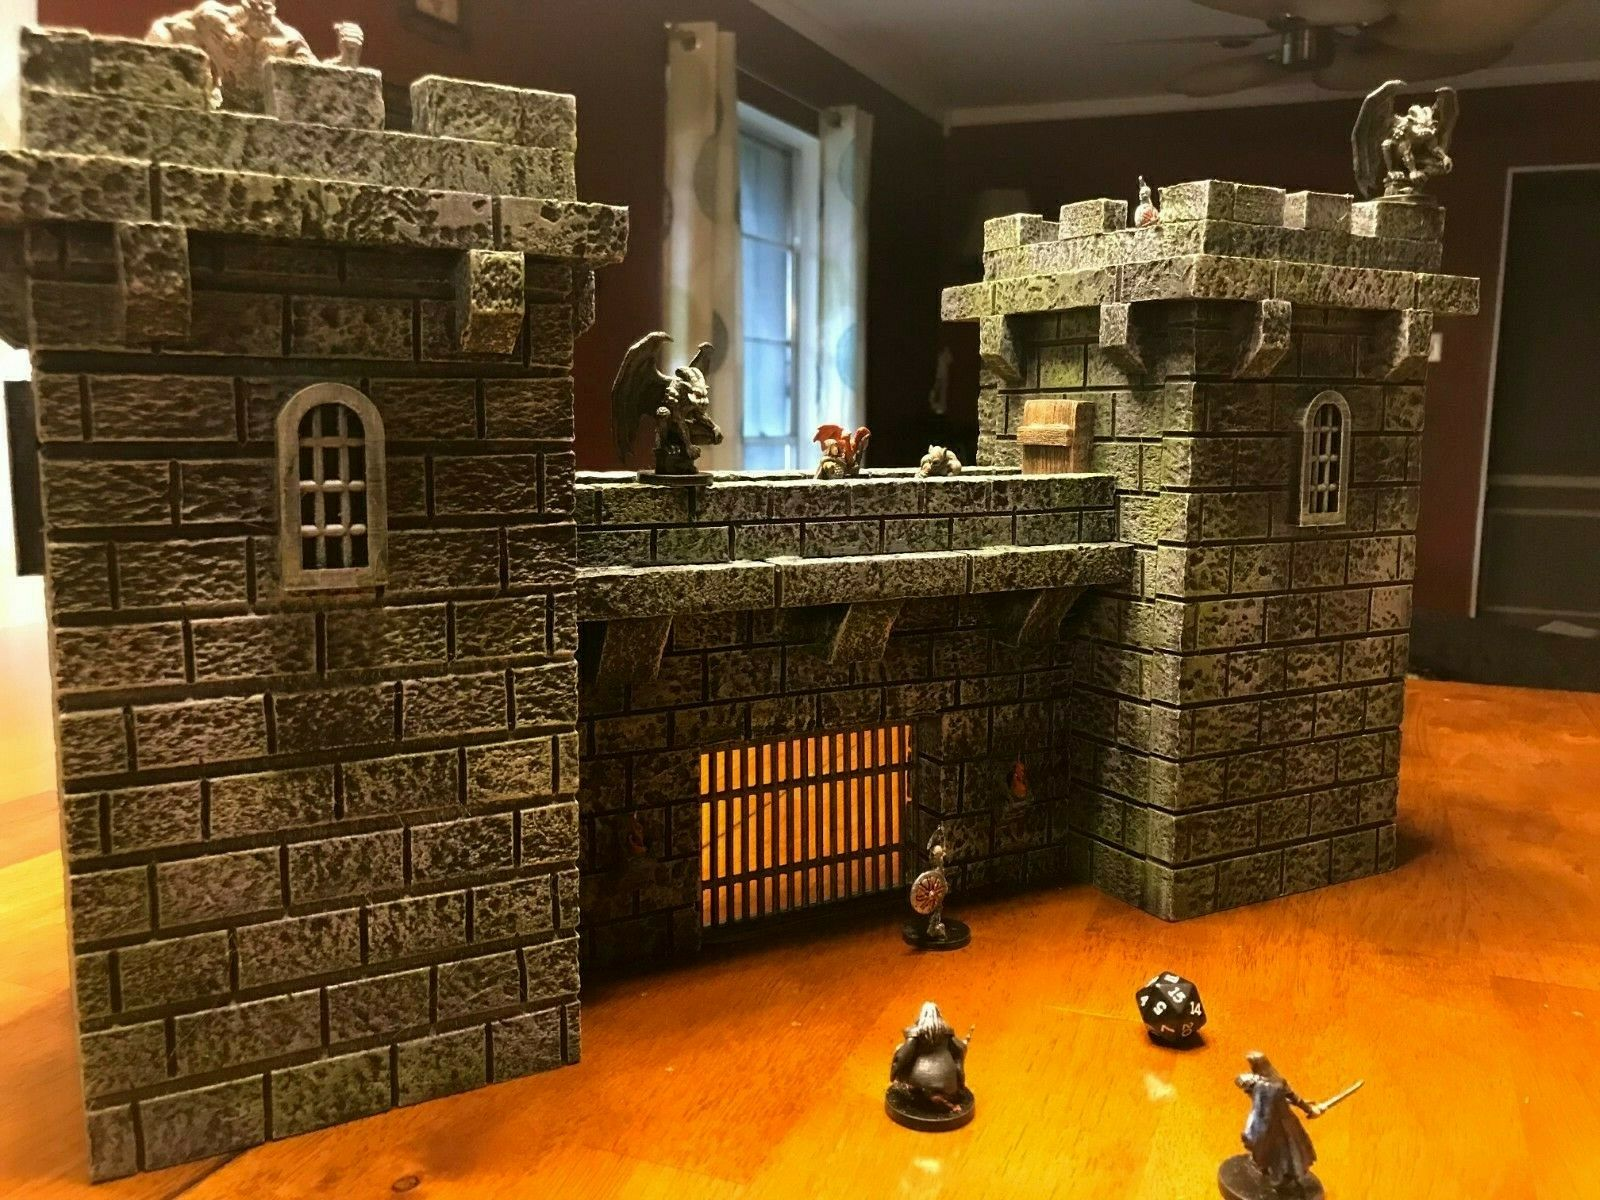 Big Dungeon Castle Wall Set Terrain 28mm Dungeons och drakes Pathfinder d &d rpg